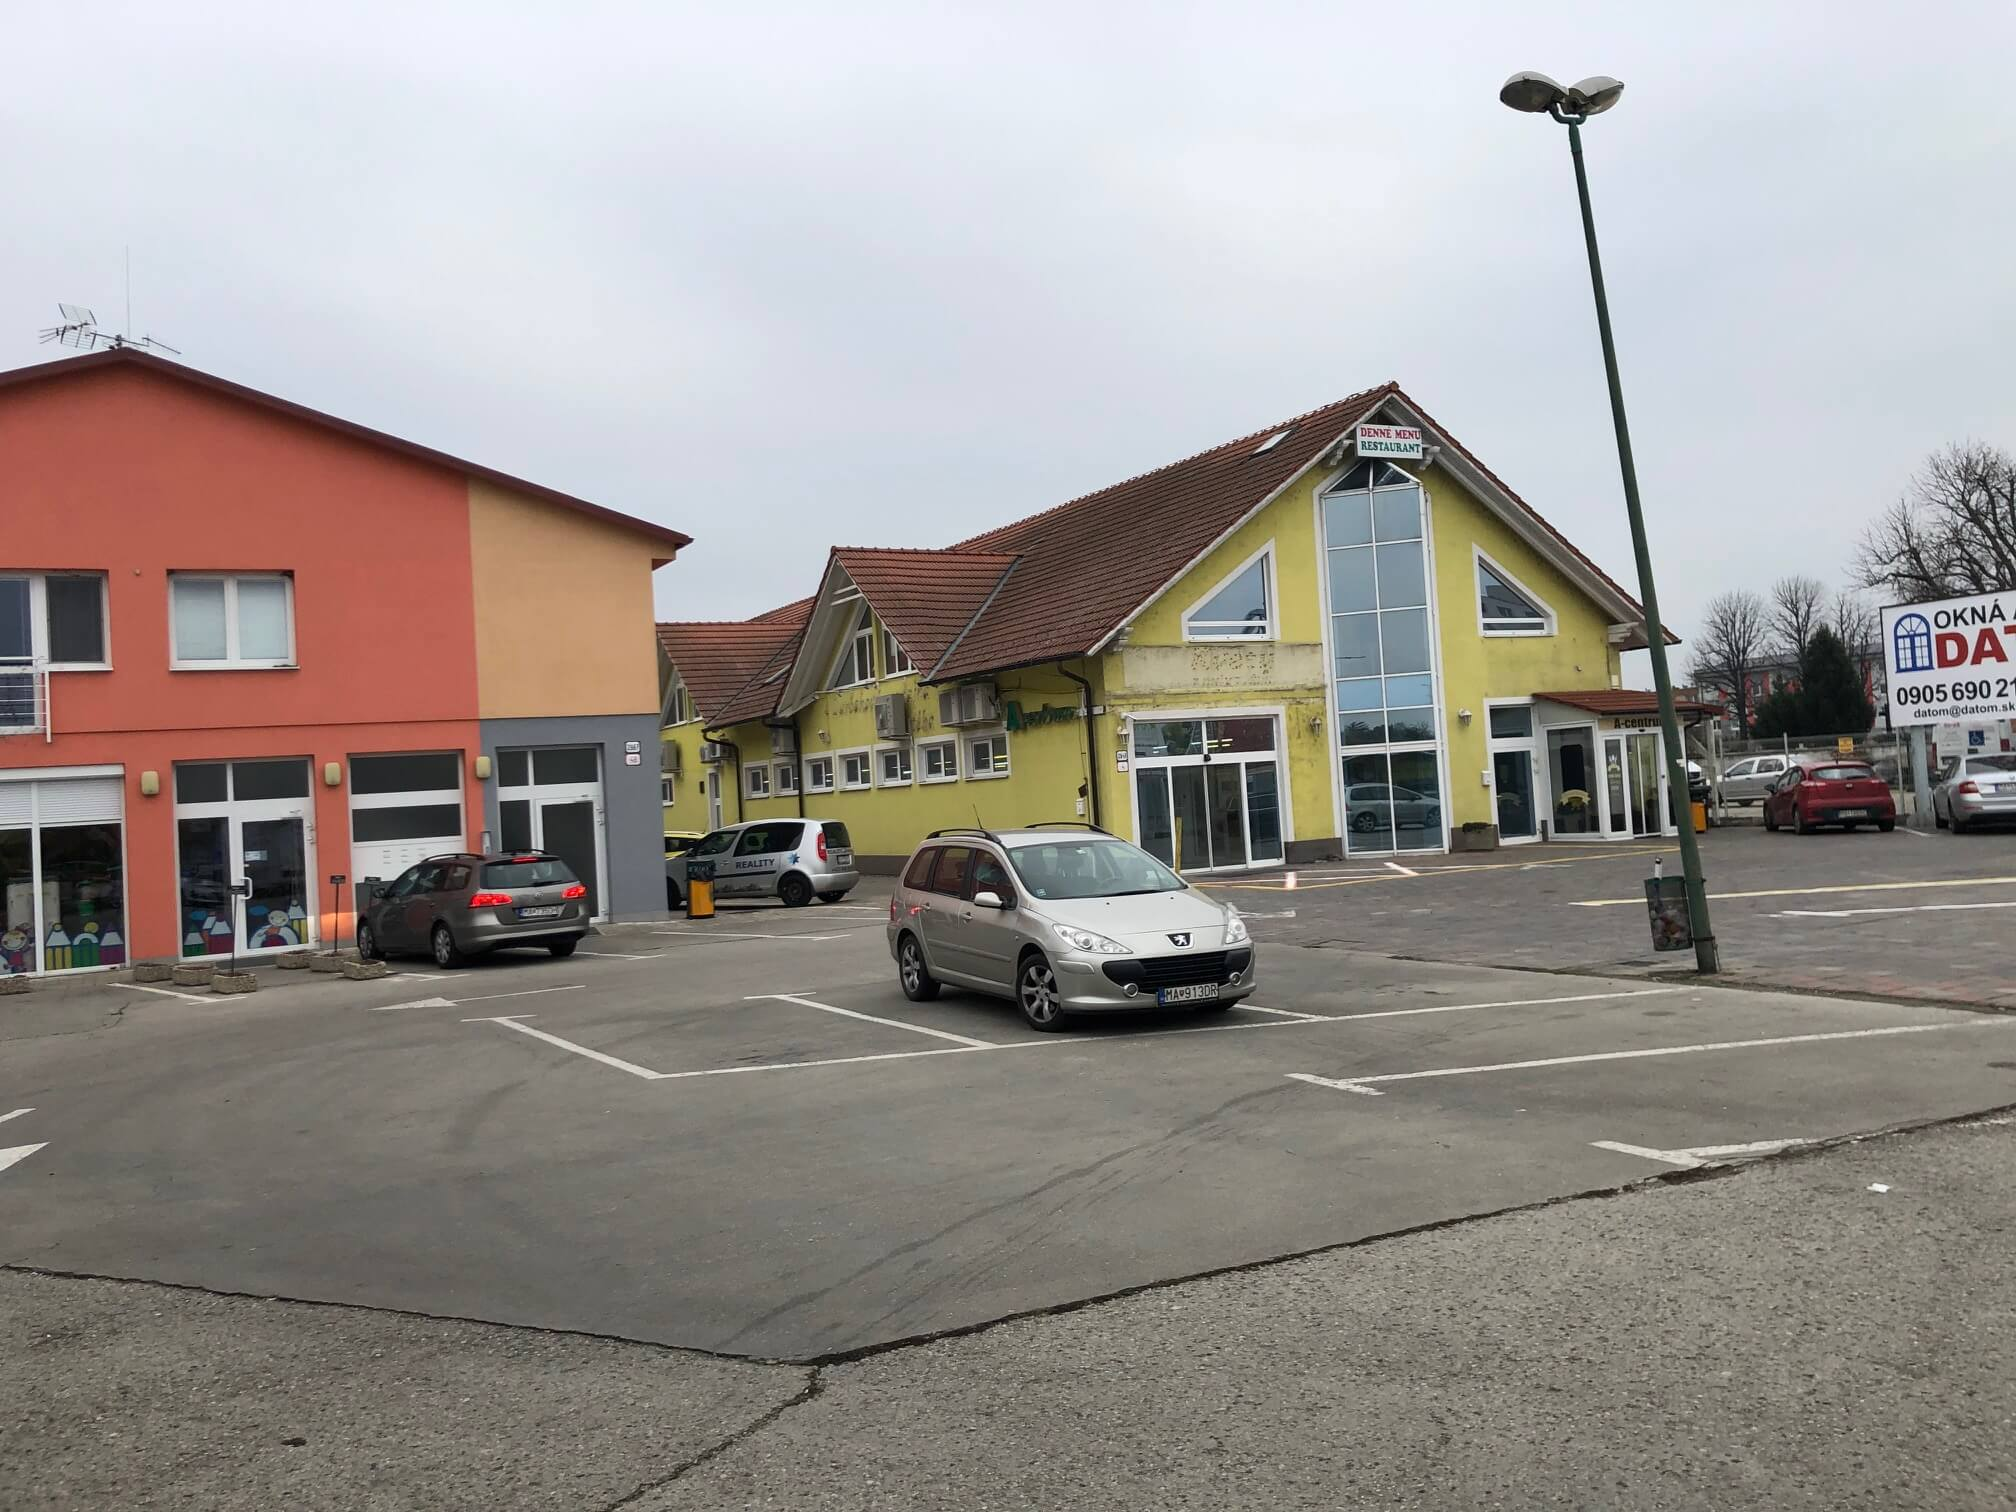 Prenajaté: Prenájom 2 izb. byt, Luxusne zariadeny, v tichej lokalite, Brnianska 4, nad Farbičkou, Malacky,-25